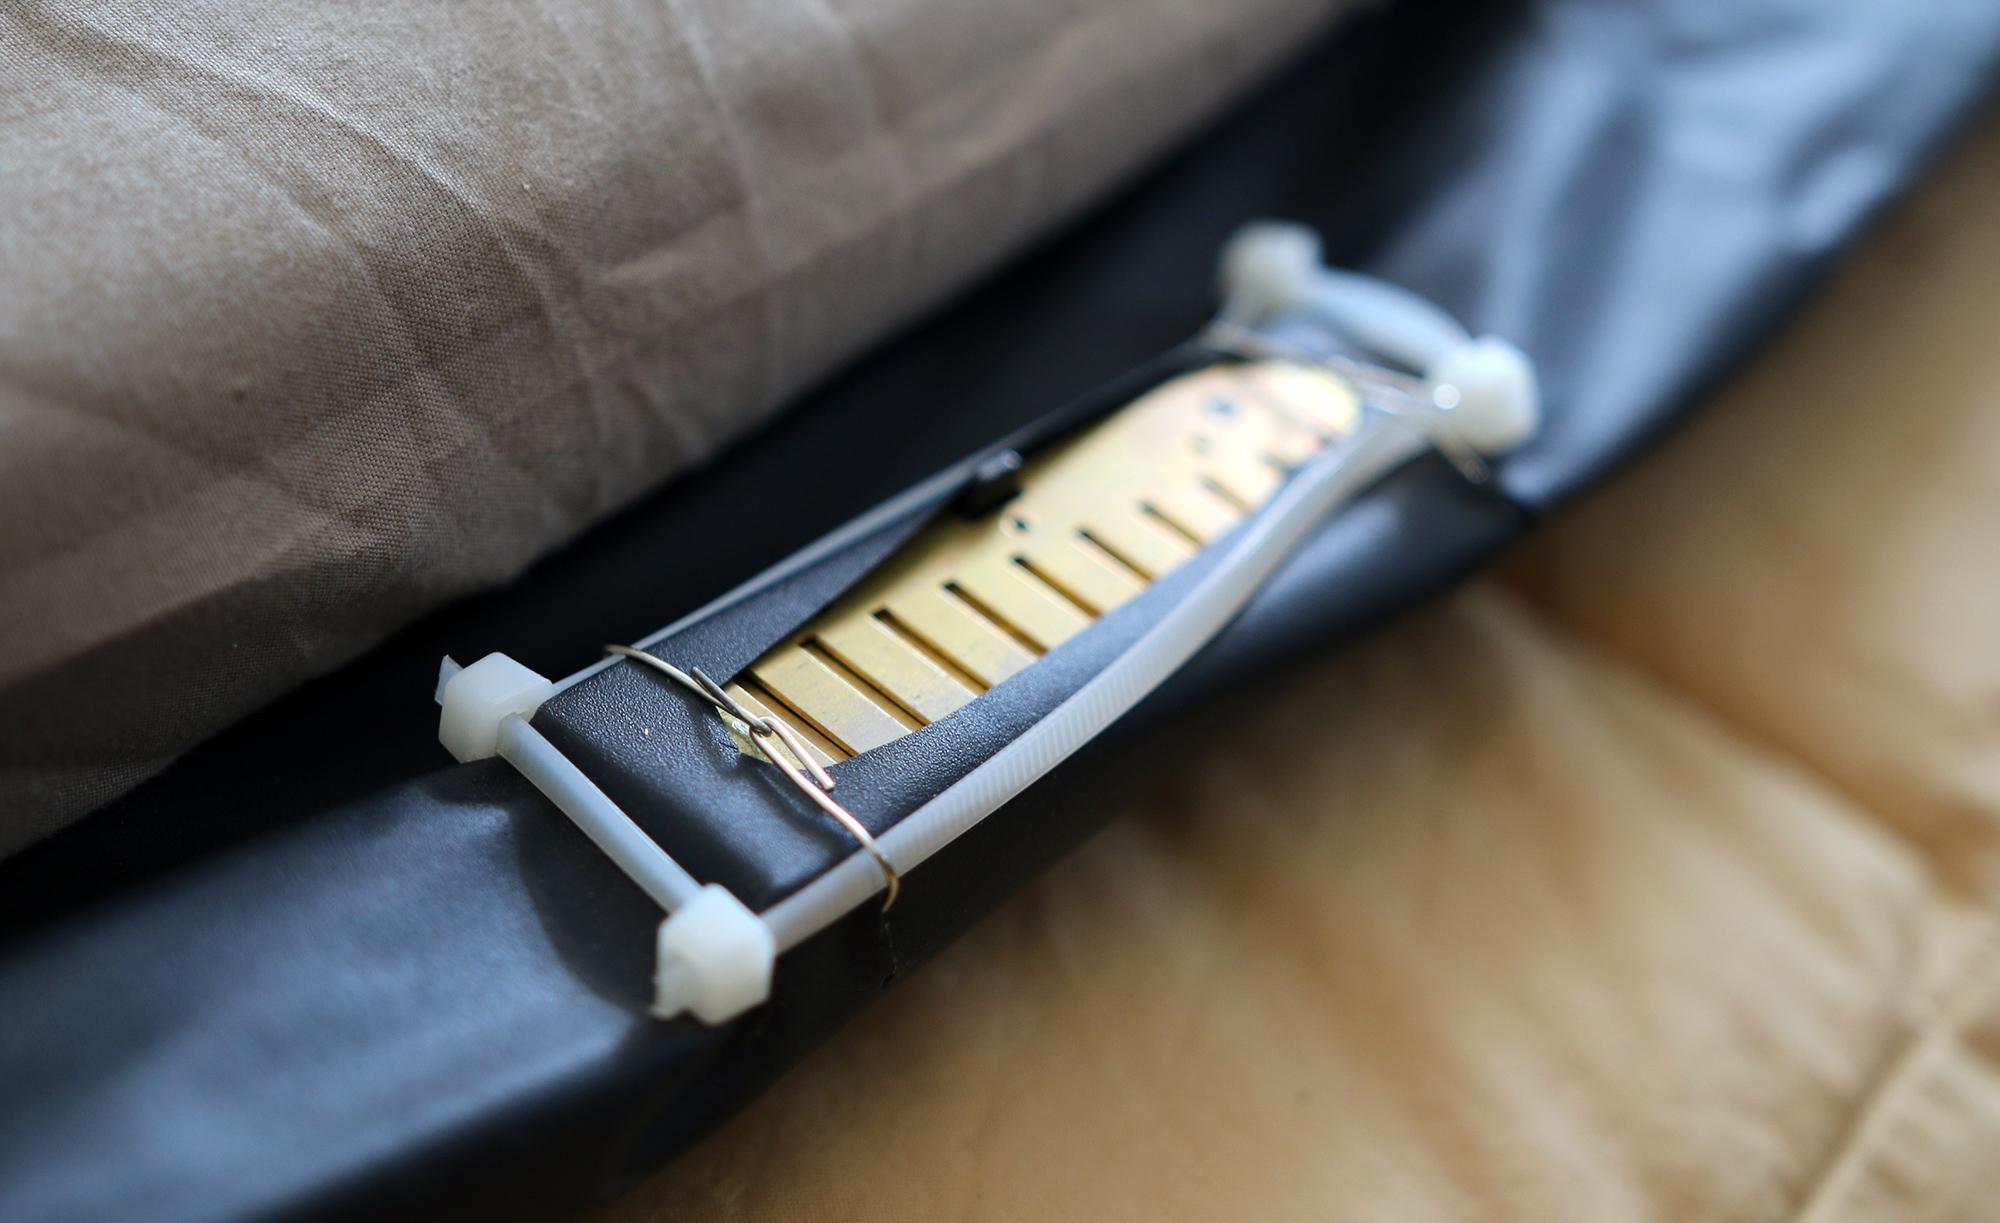 A deconstructed harmonica affixed to an air mattress.